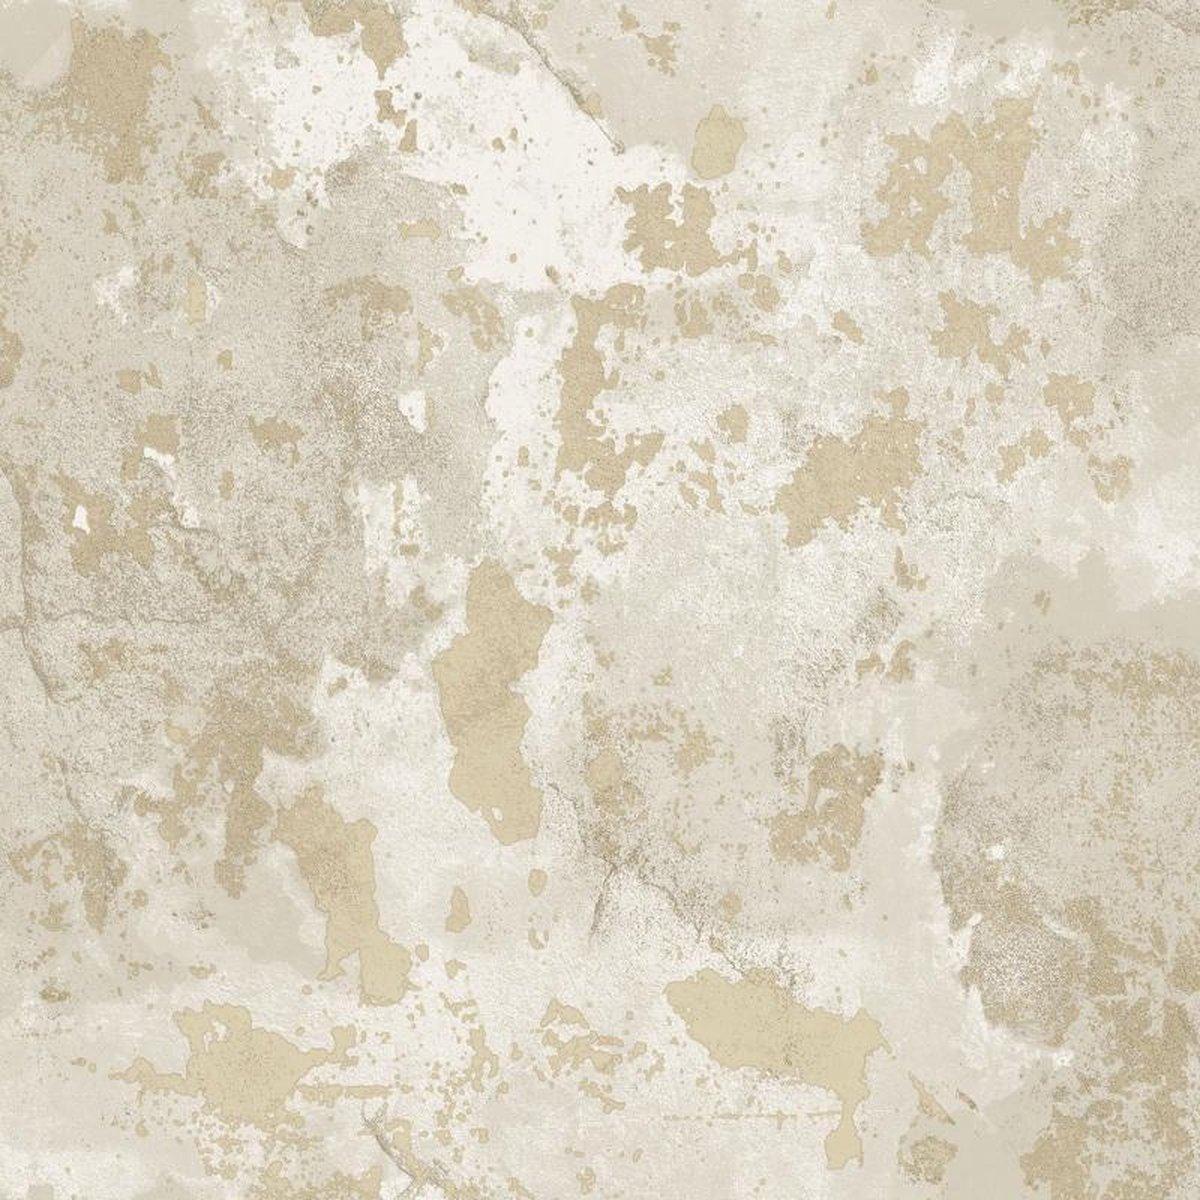 ZERO   Beton stuc look   beige, nude, goud,   vinyl o vlies 0,53x10m